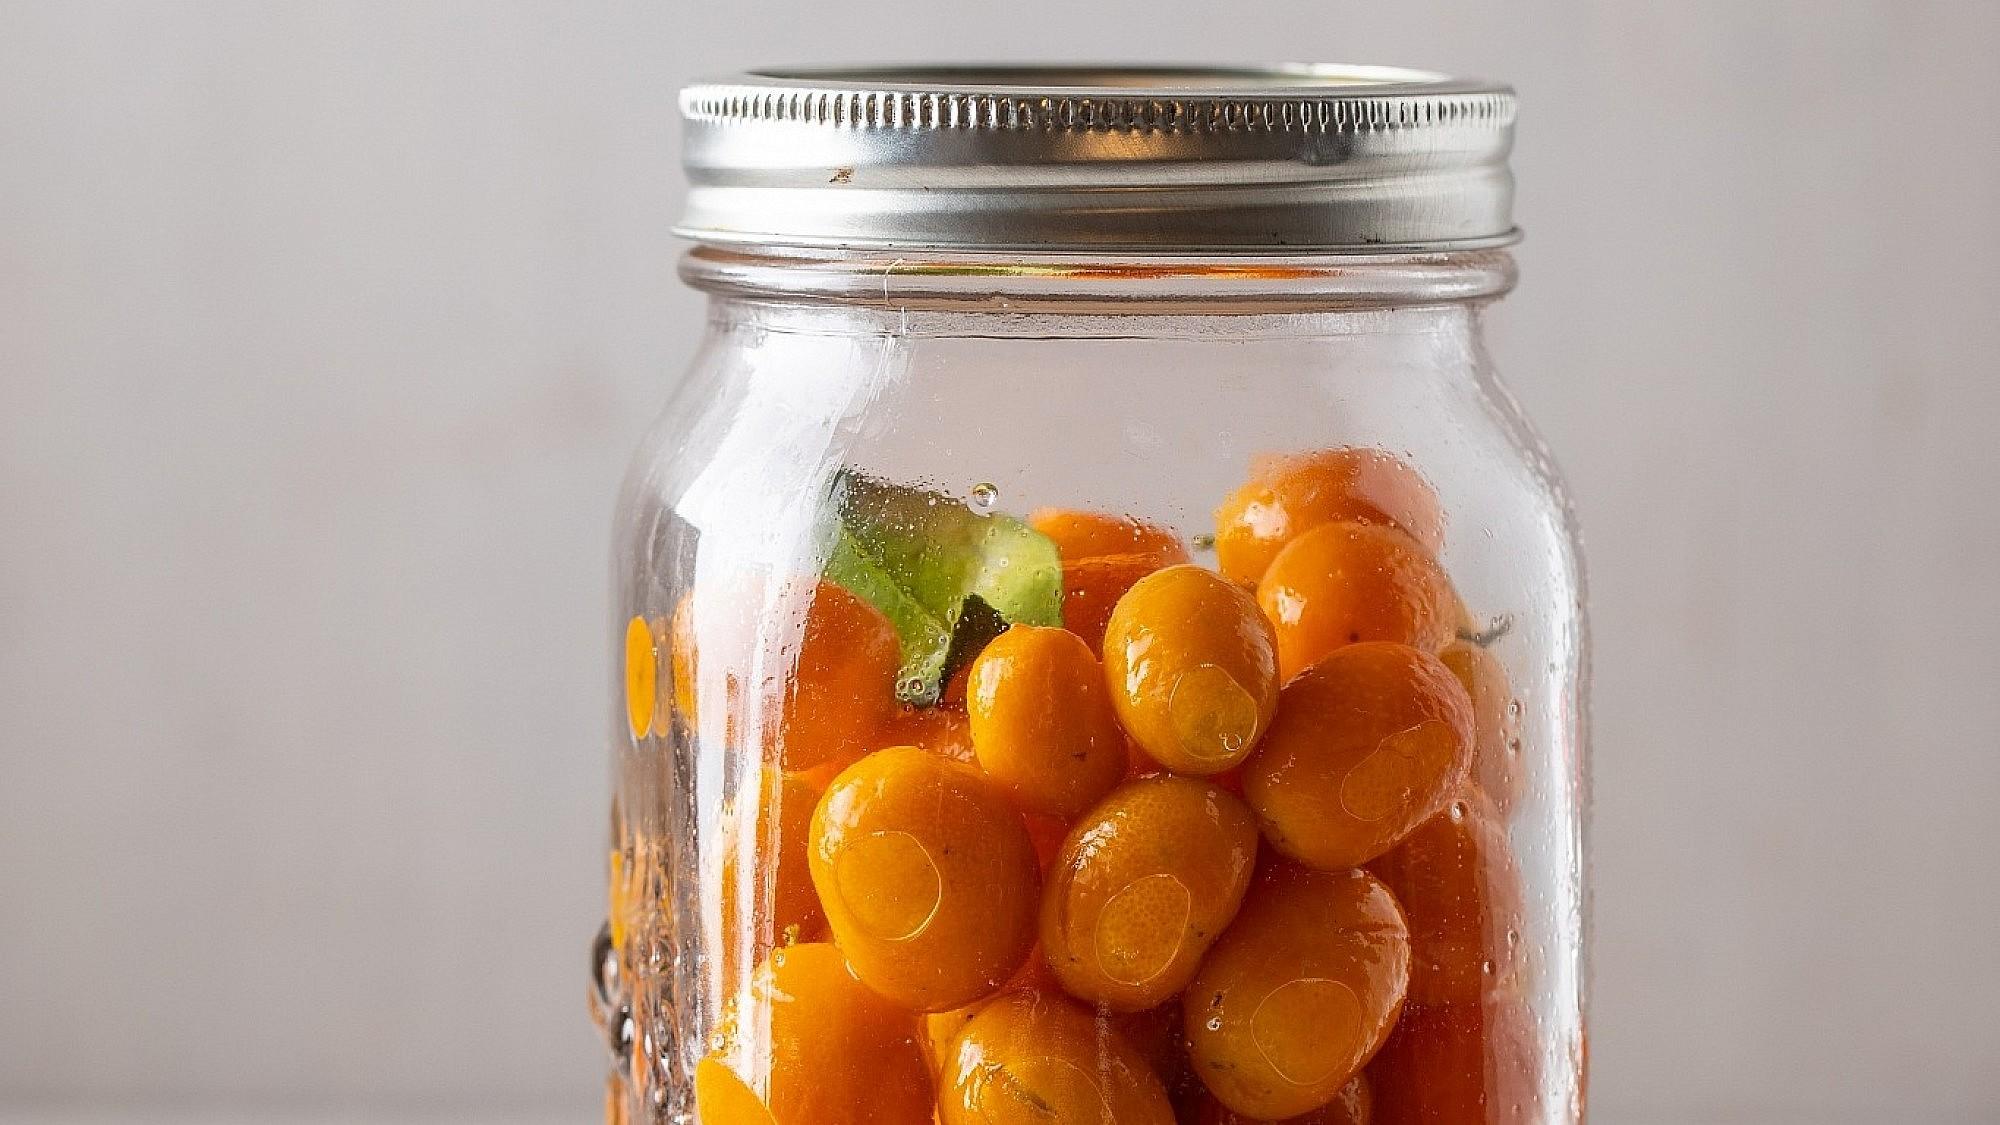 תפוז סיני כבוש של רינת צדוק. צילום: חיים יוסף